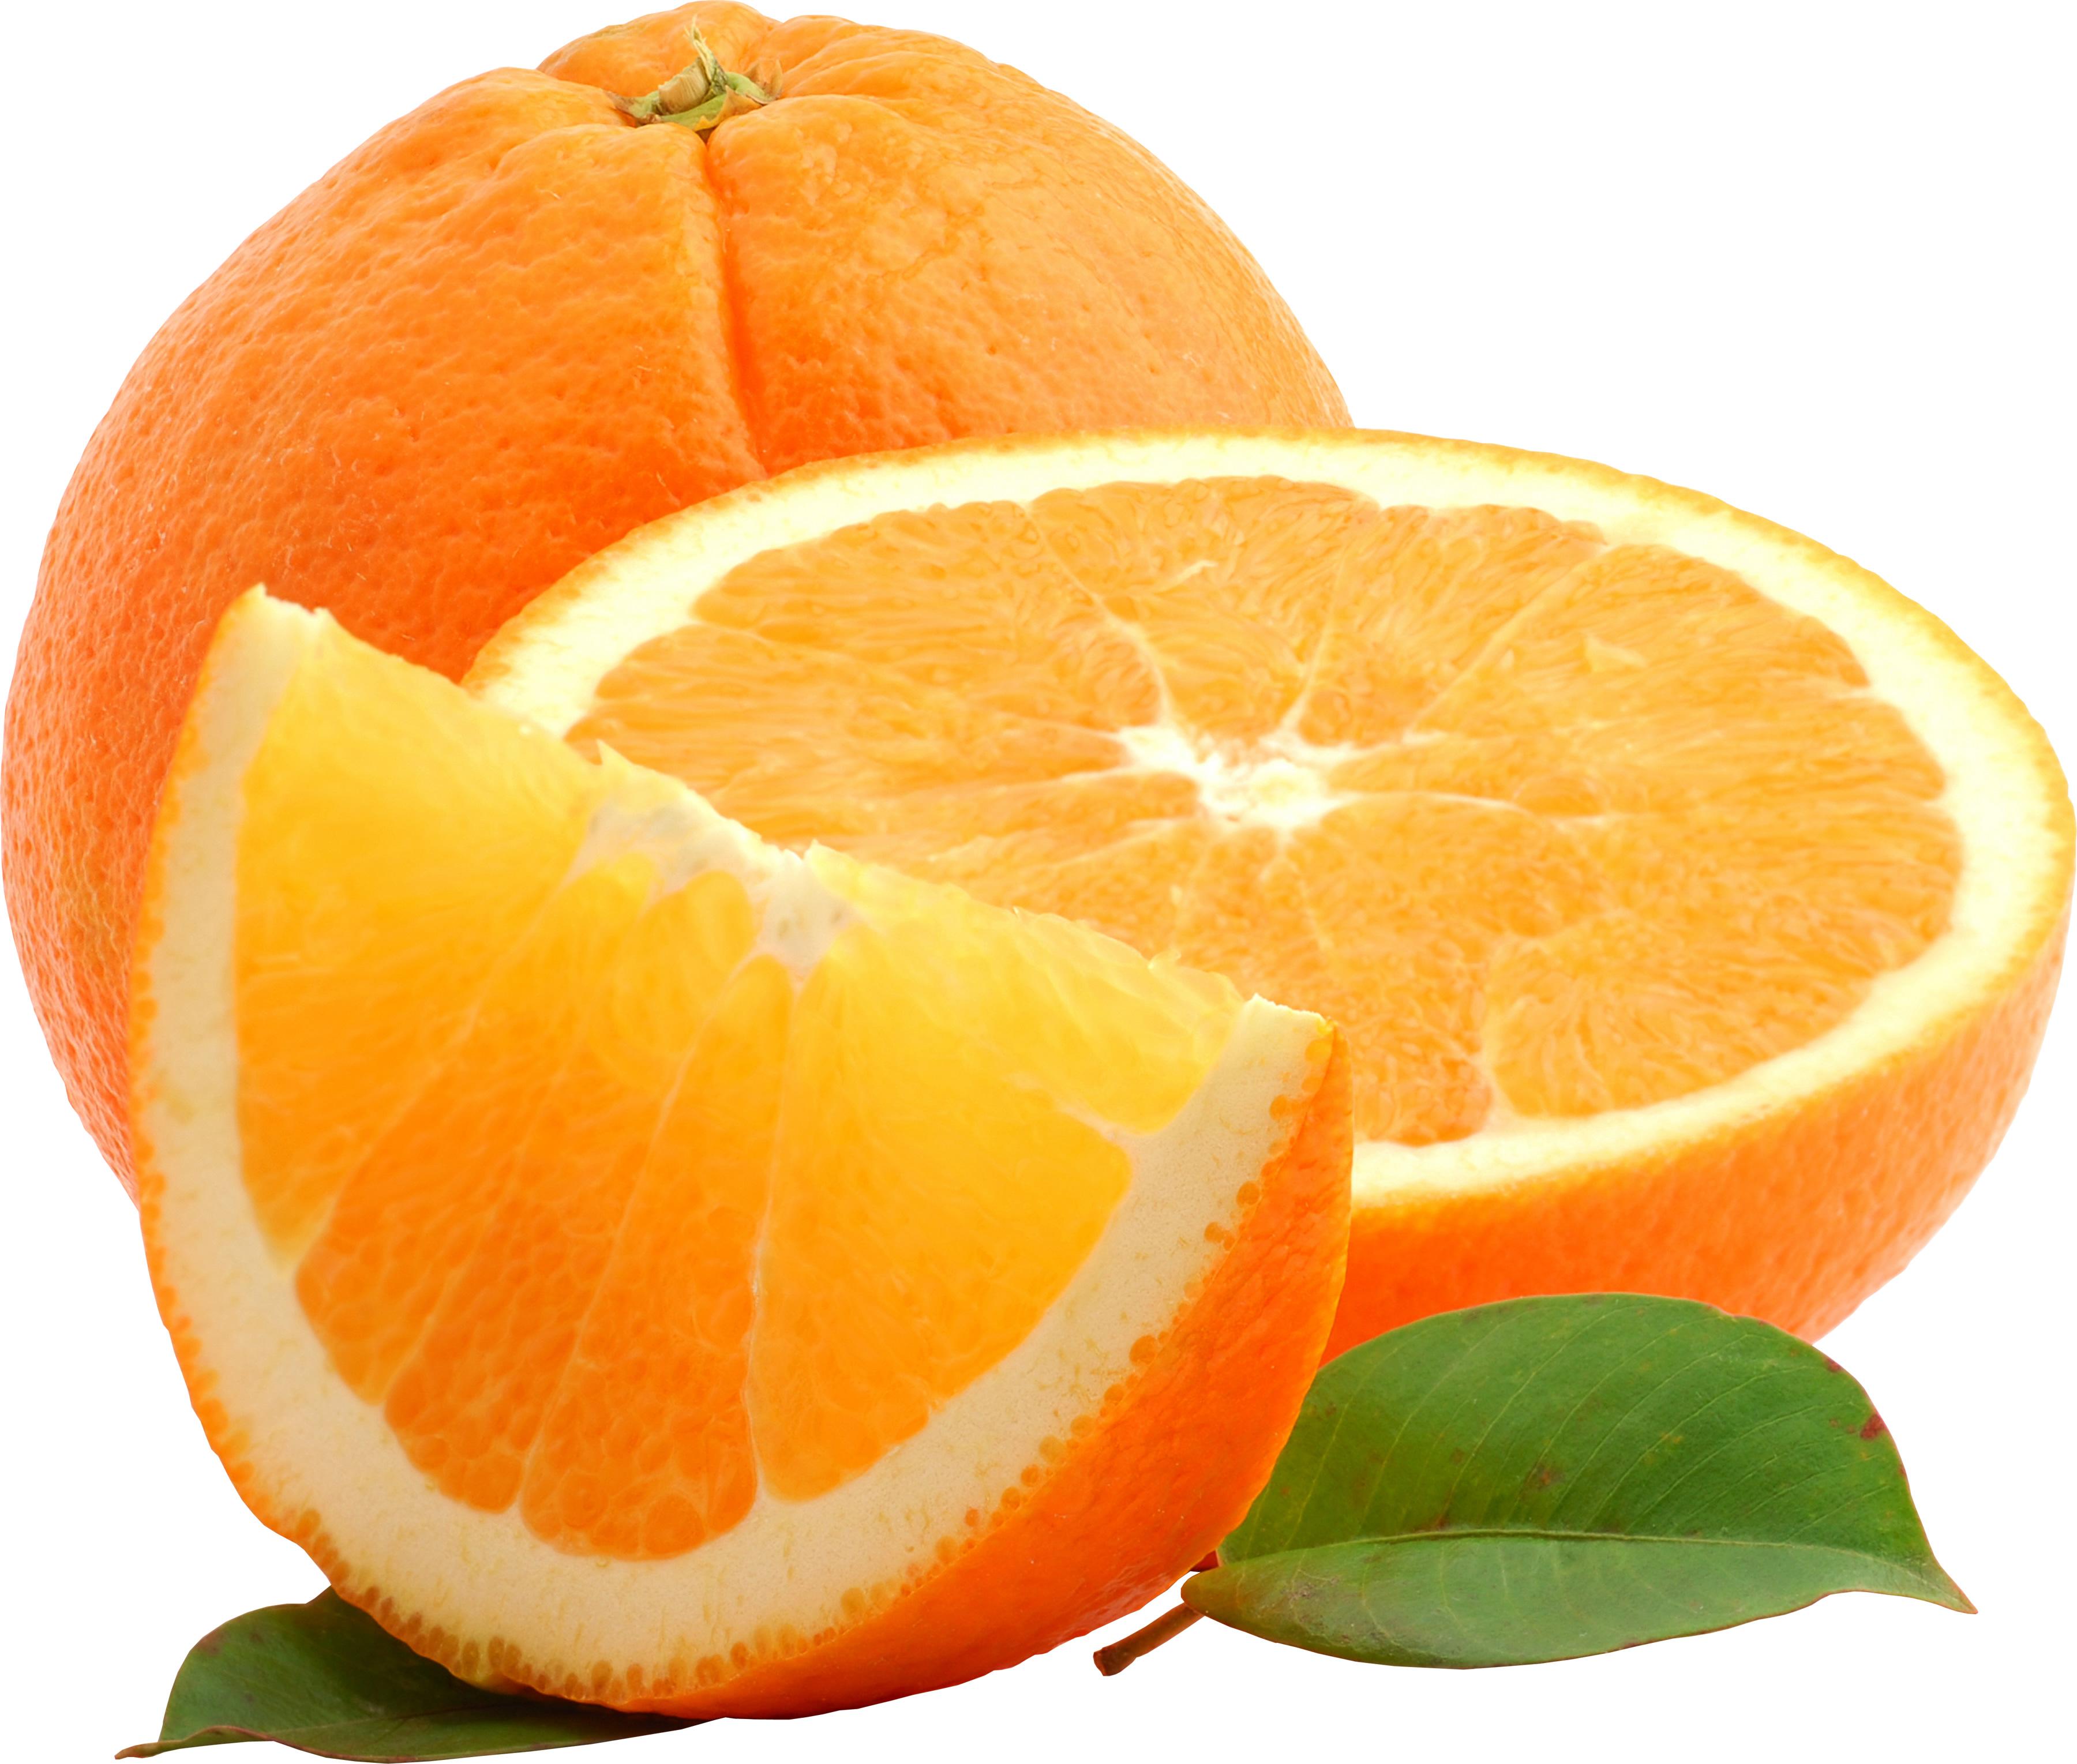 Orange Clipart-orange clipart-6